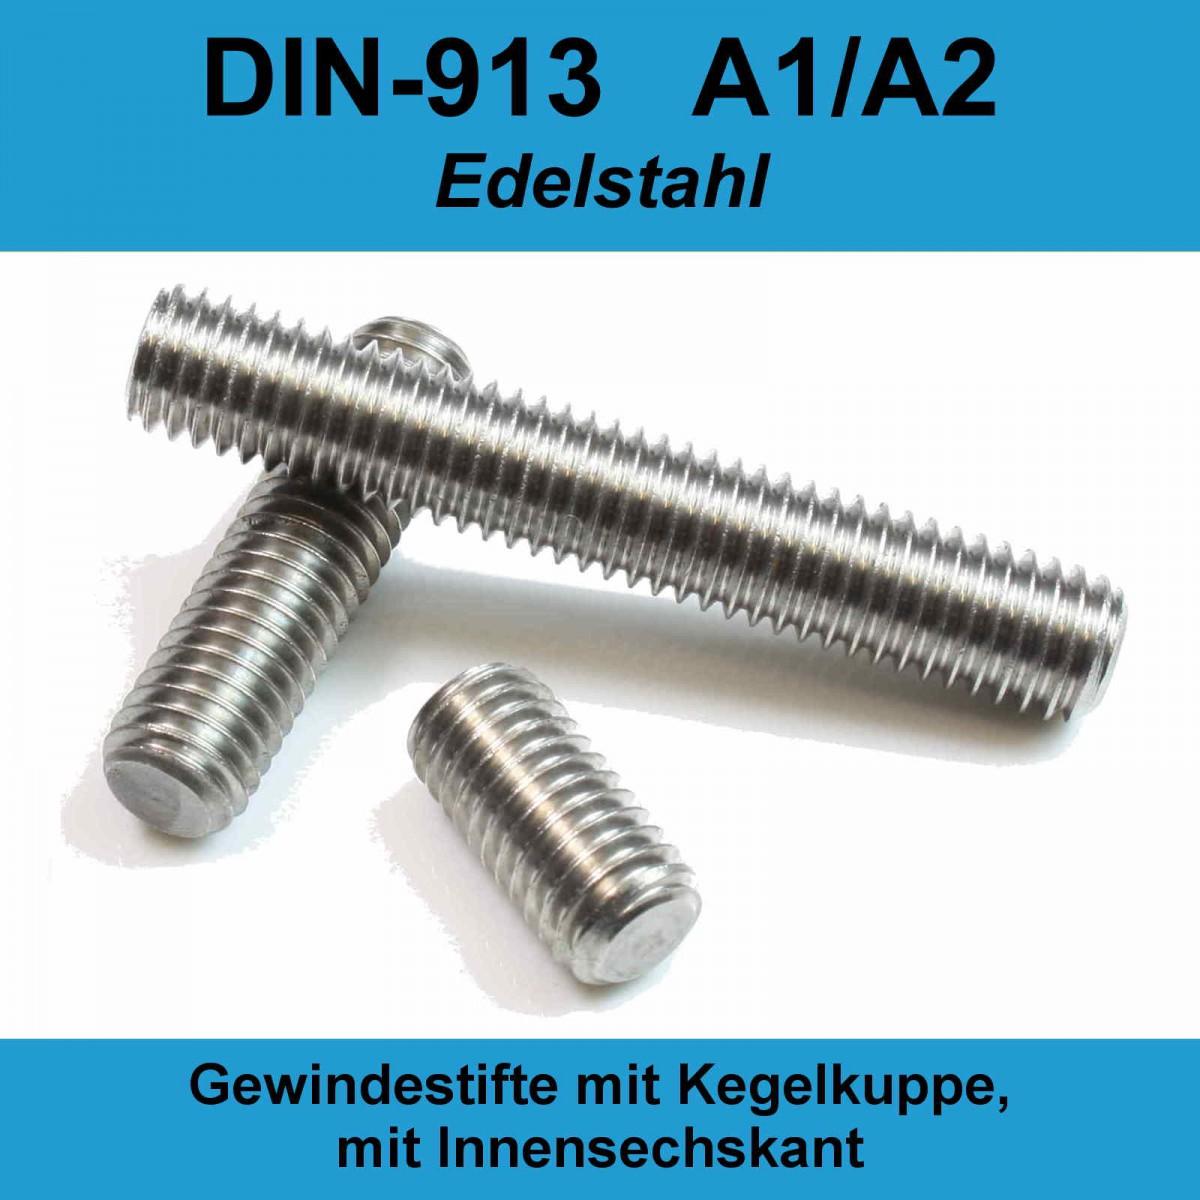 x10 M2x10 Gewindestifte Innensechskant Kegelkuppe Madenschrauben Edelstahl A2 DIN 913